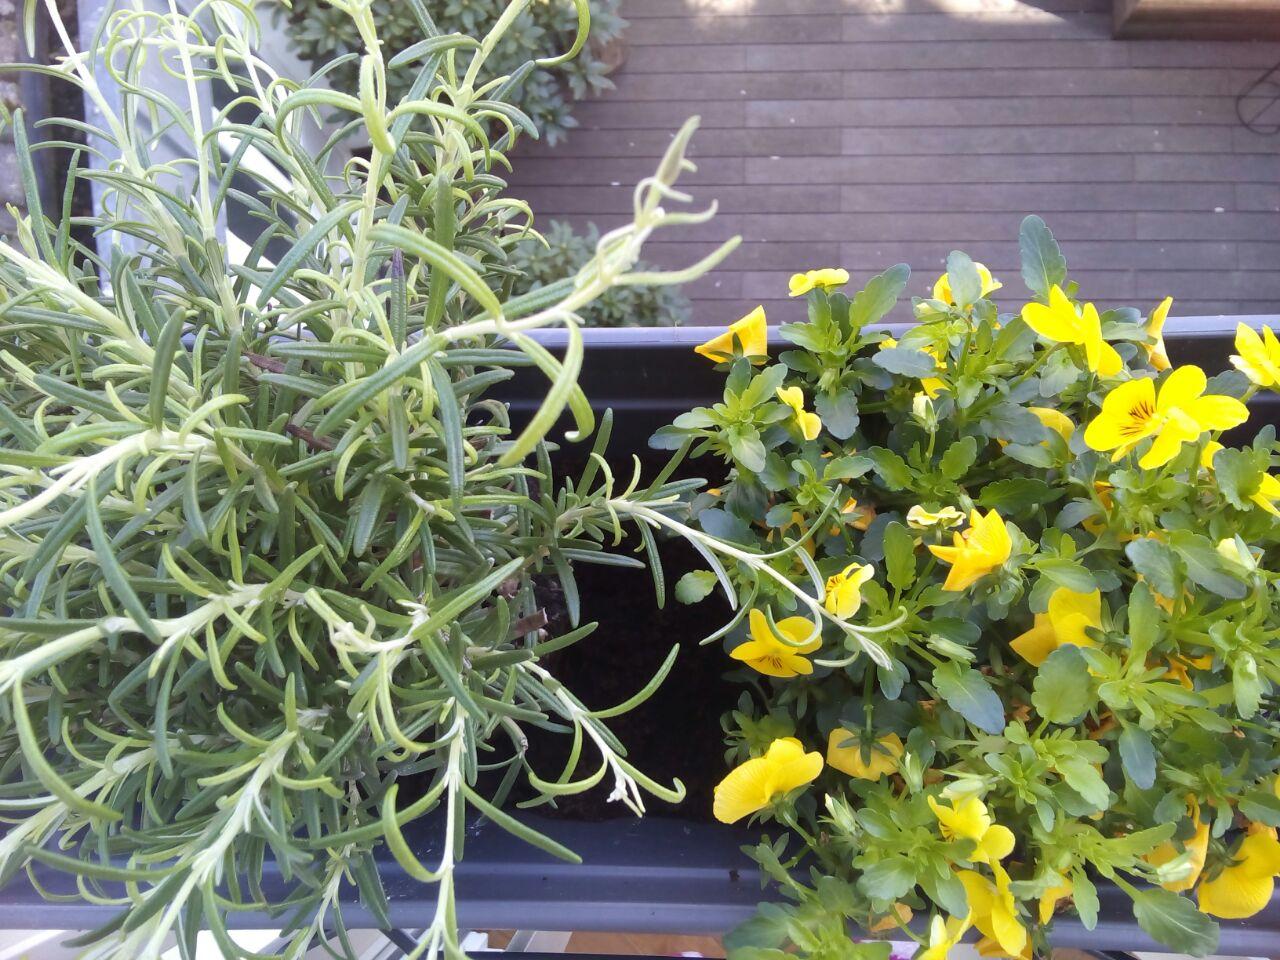 Neben die Stiefmütterchen habe ich in diesem Jahr Rosmarin gepflanzt, der – im Gegensatz zu den hübschen Blümchen – Insekten Nahrung bietet. Foto: NIna Rattay